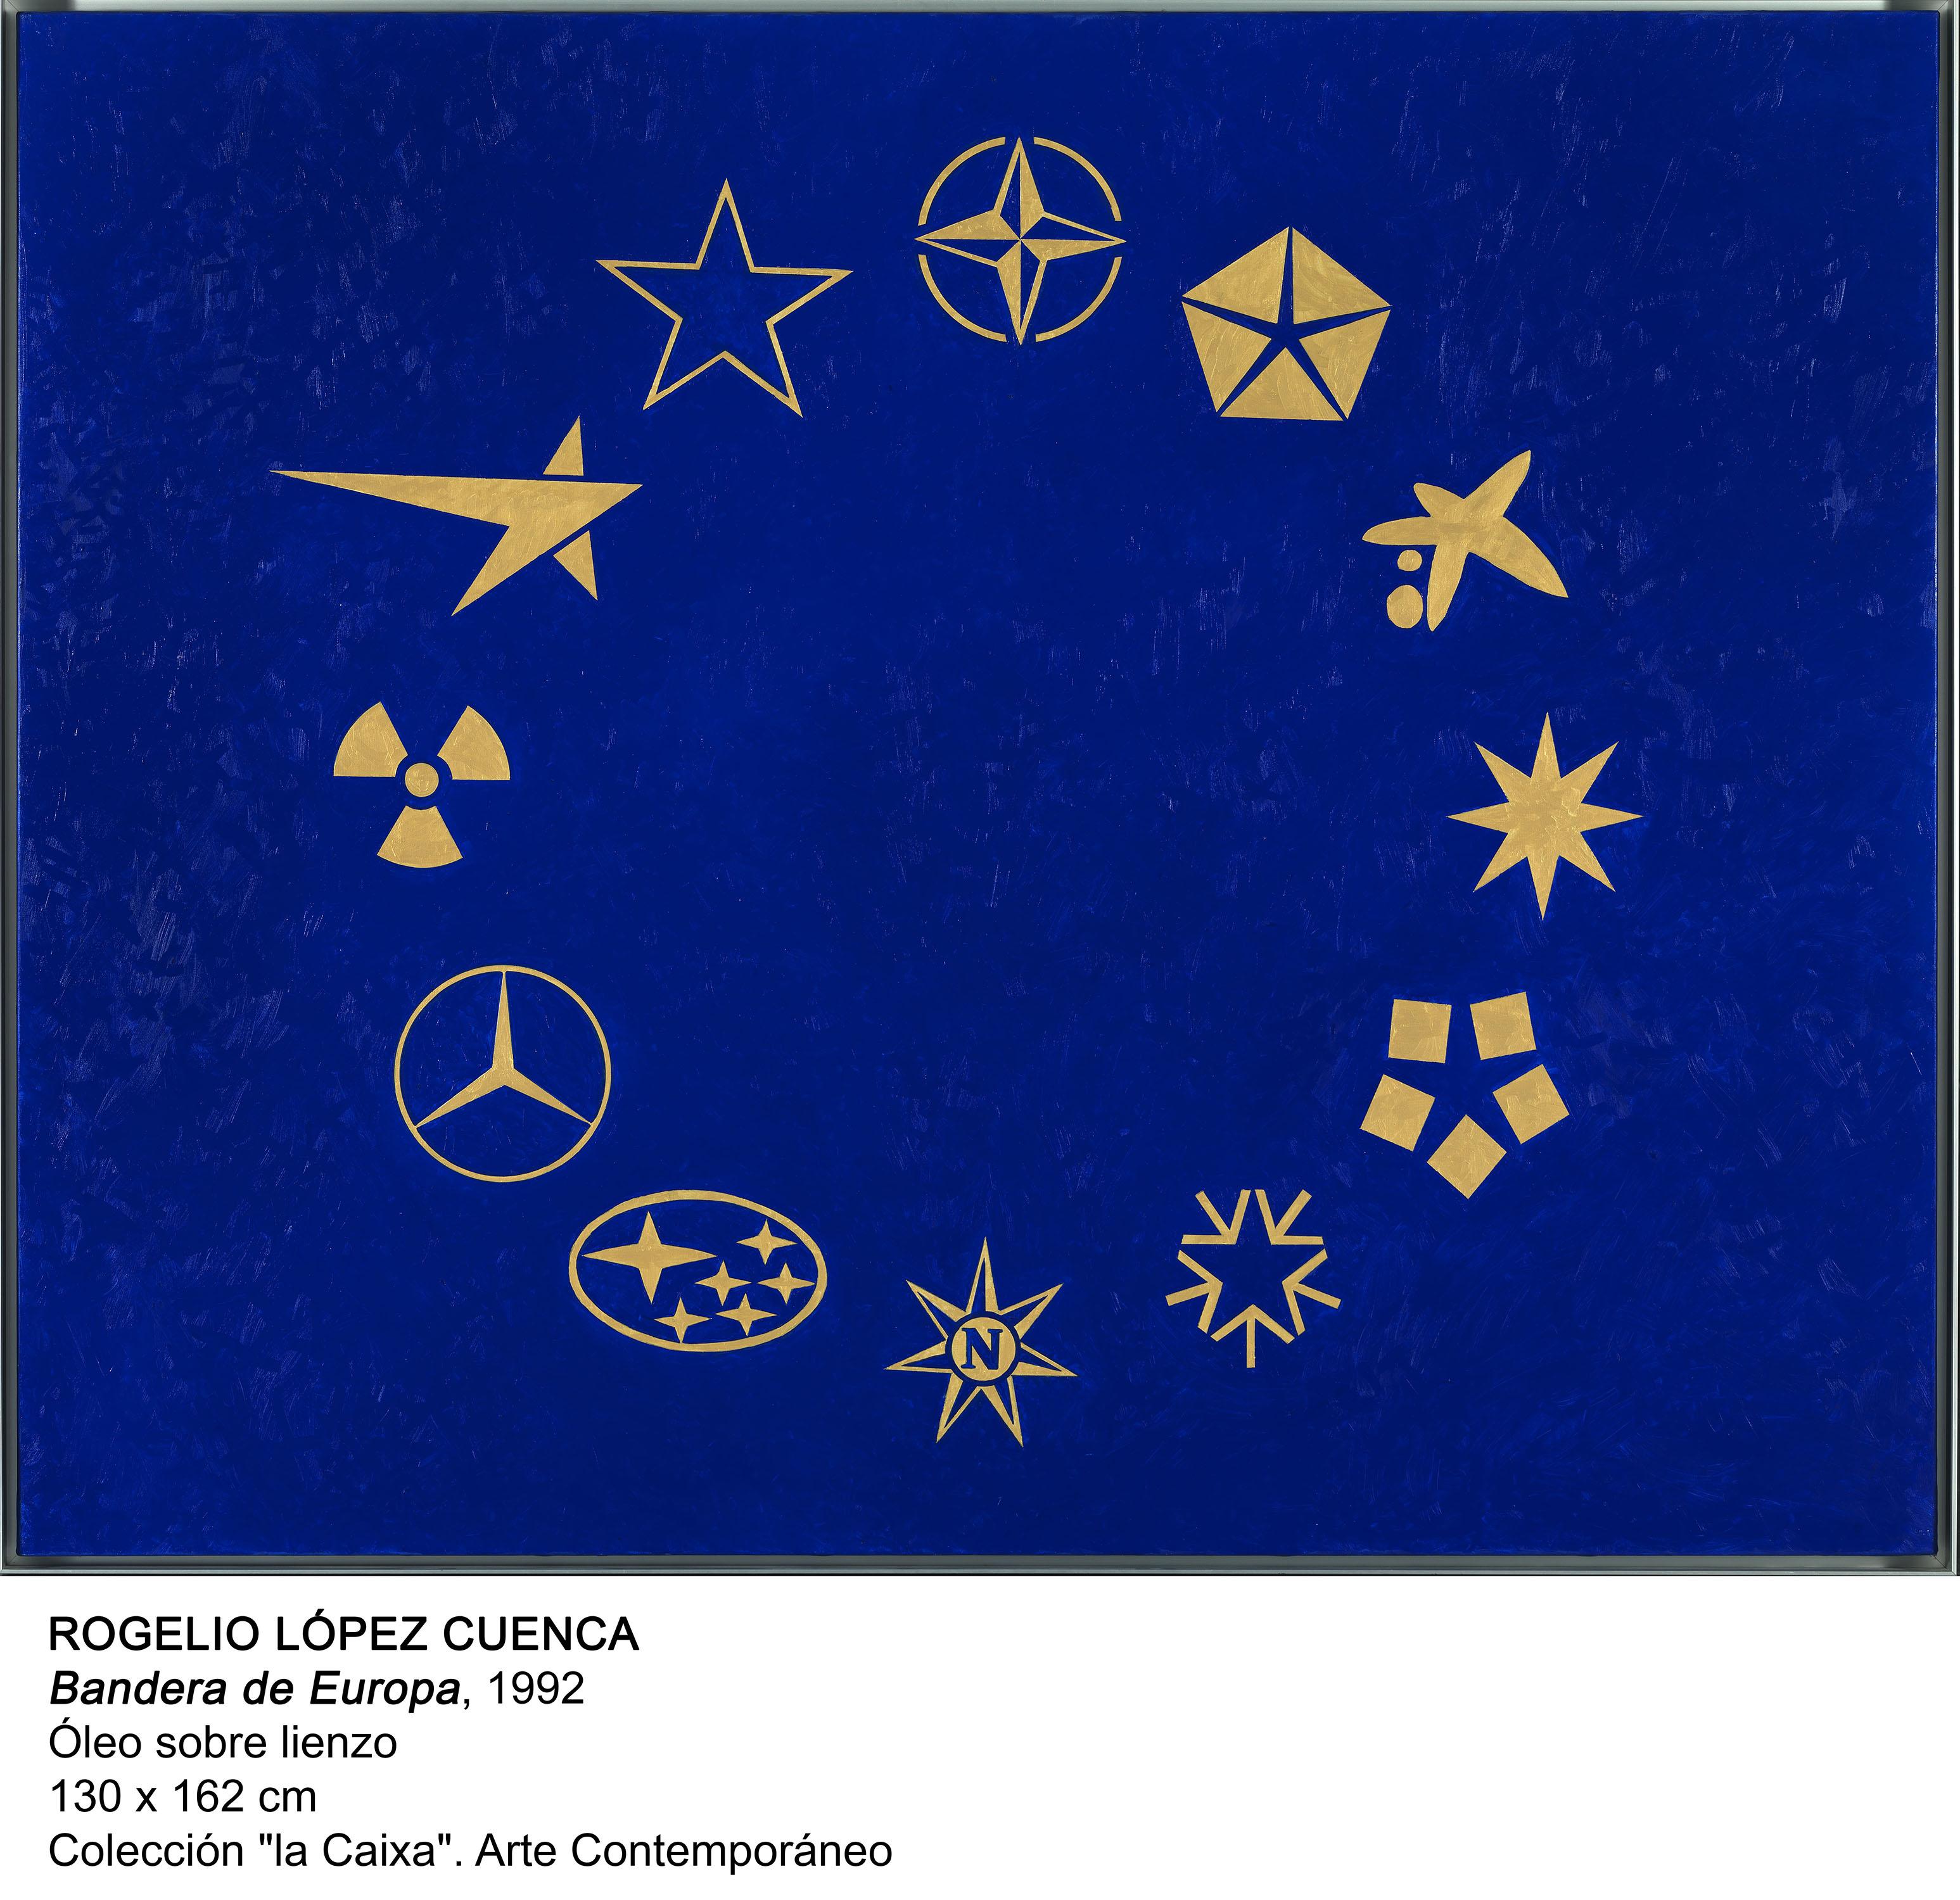 Bandera de Europa (1991) - Rogelio López Cuenca